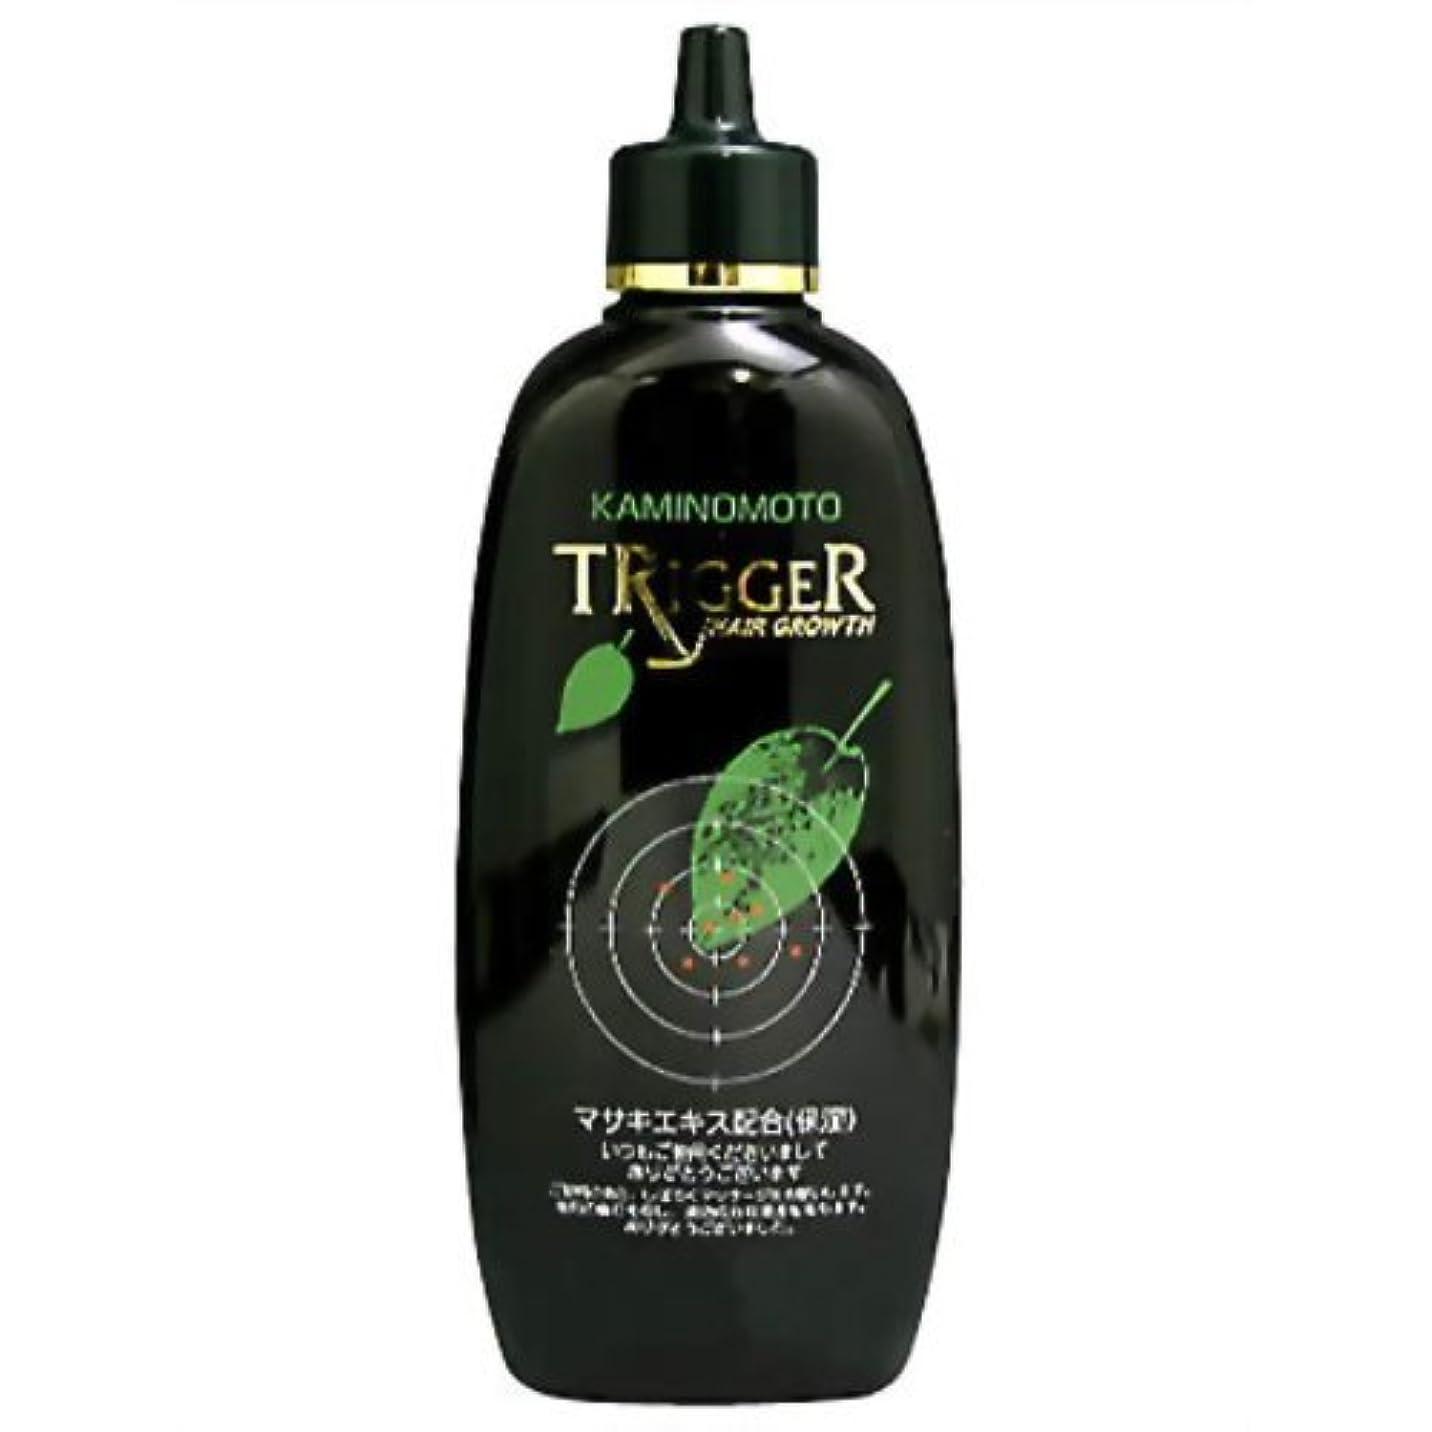 再びワークショップ改善薬用発毛促進剤 トゥリガー